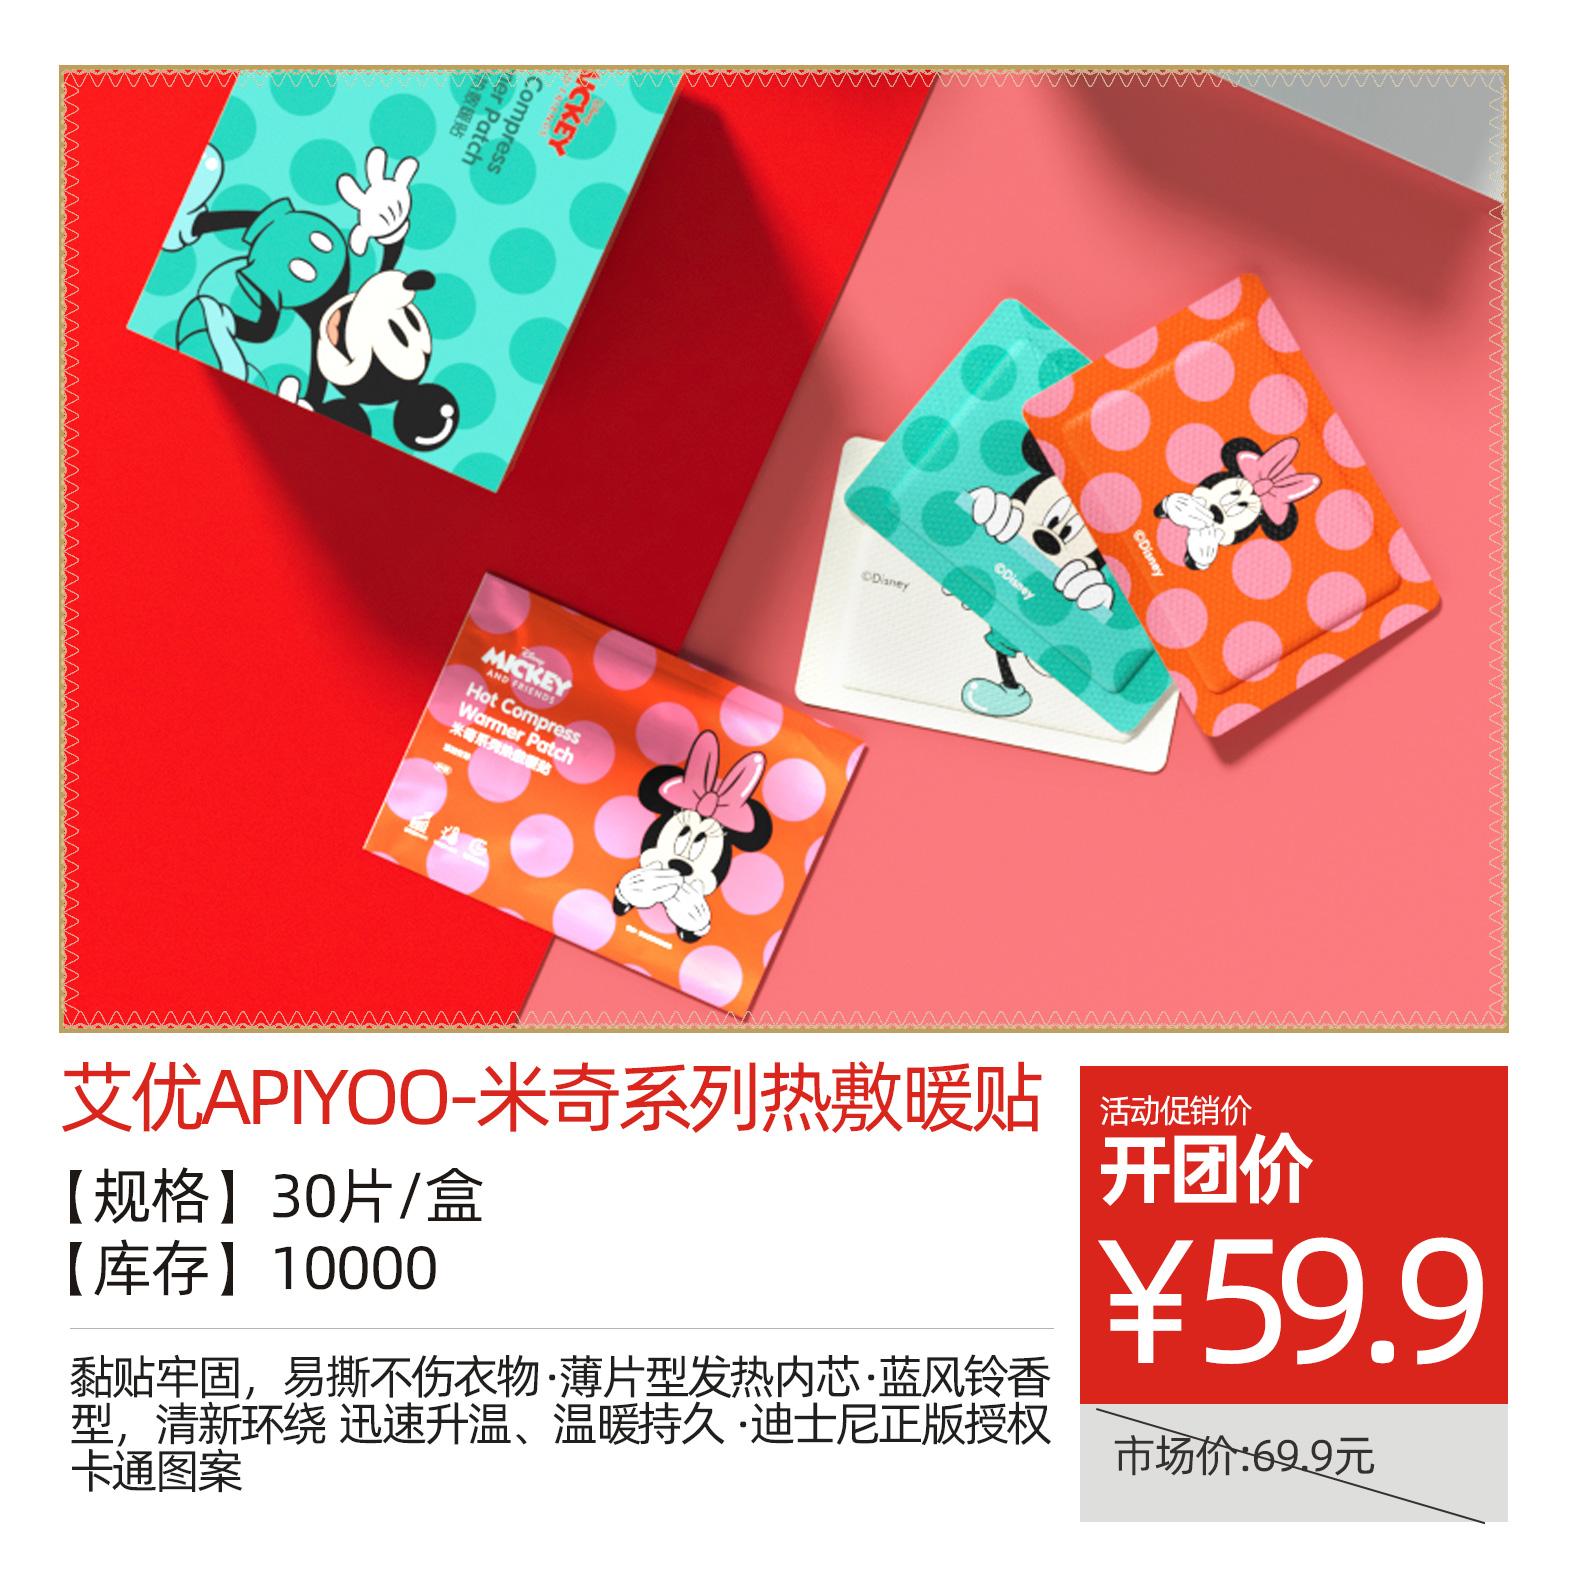 艾优Apiyoo-米奇系列热敷暖贴